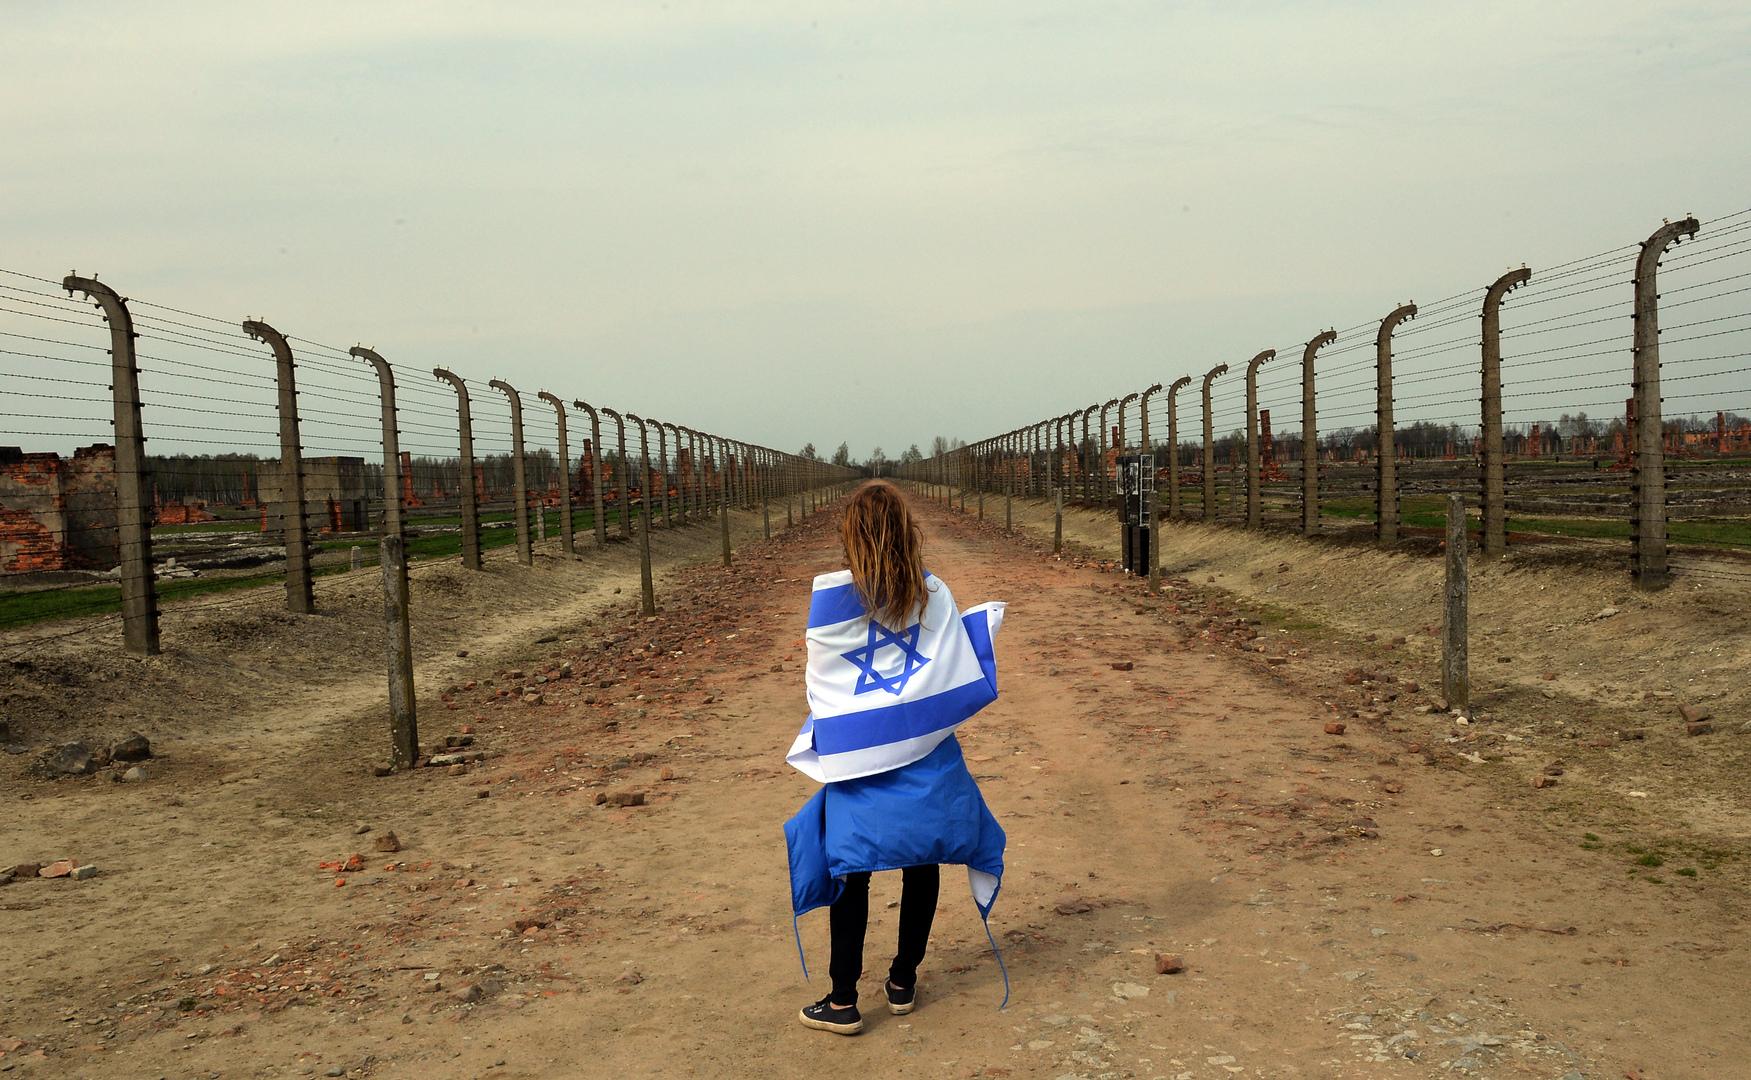 بولندا قد تمنع الطلاب الإسرائيليين من زيارة معسكرات الإبادة النازية السابقة